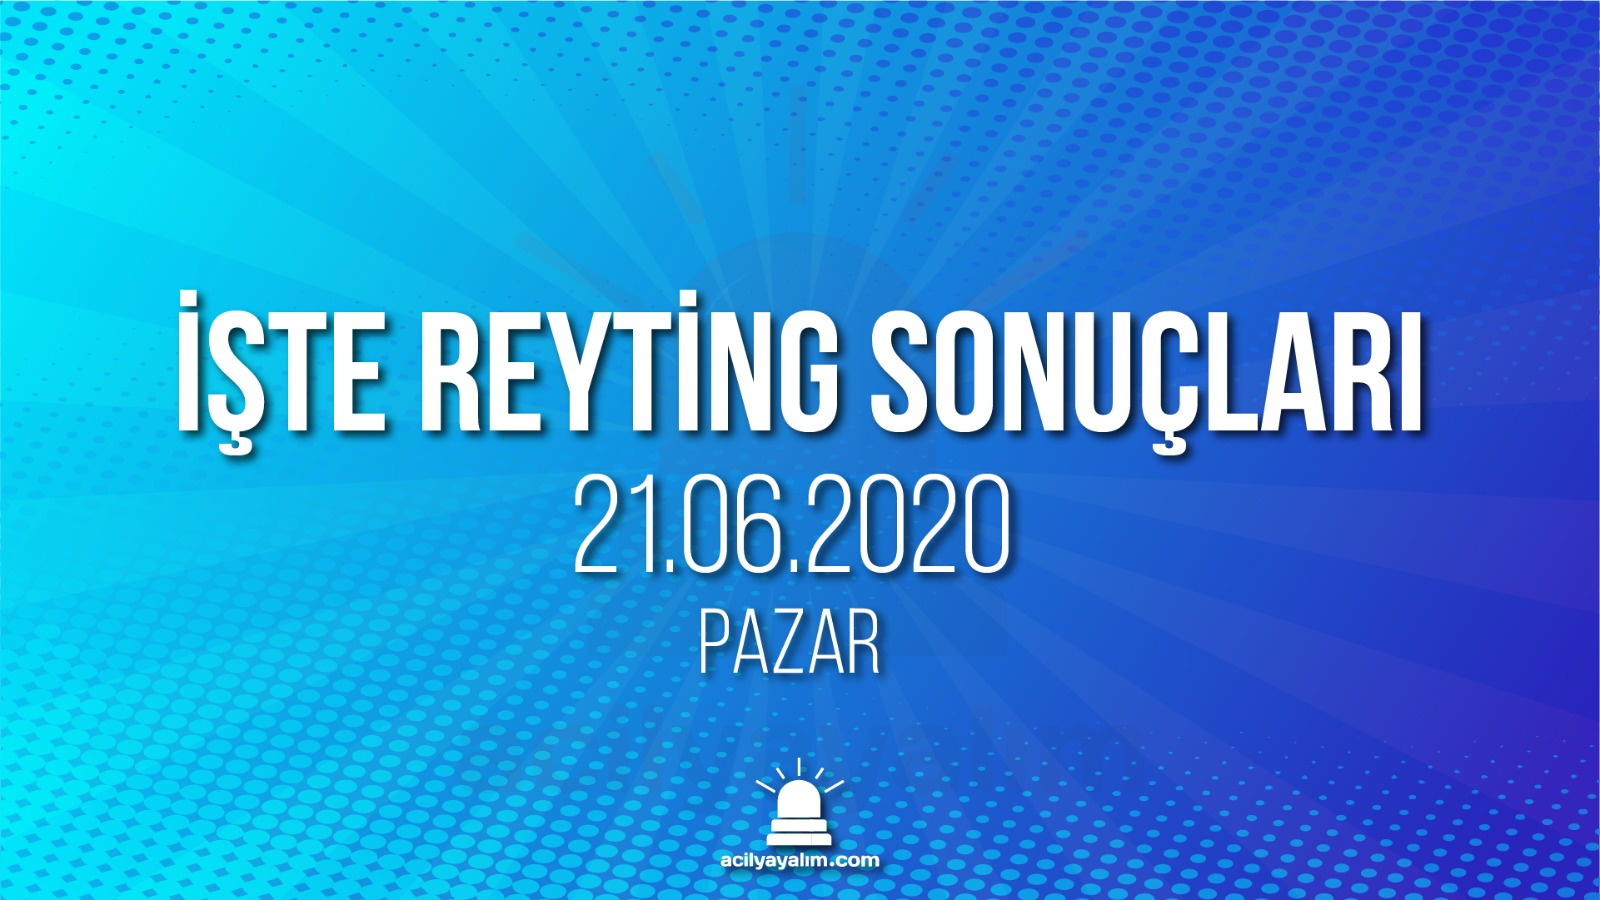 21 Haziran 2020 Pazar reyting sonuçları